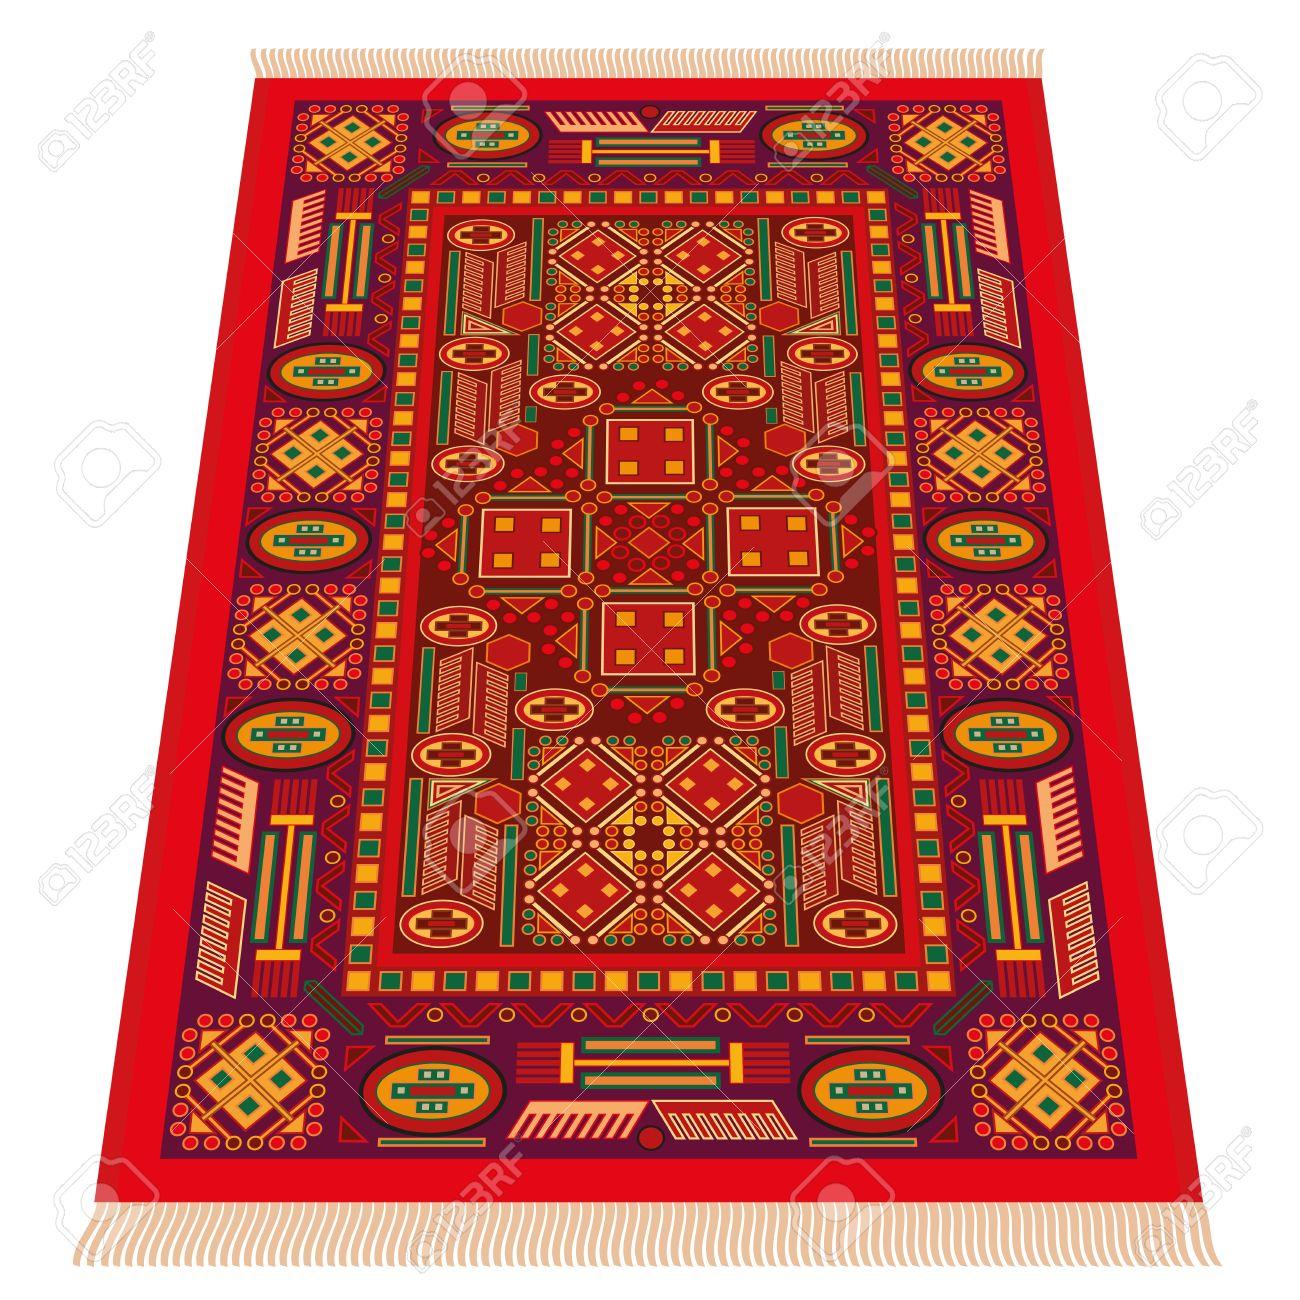 banque dimages tapis oriental rouge la prsentation en perspective isolated illustration vectoriel sur fond blanc - Tapis Oriental Rouge